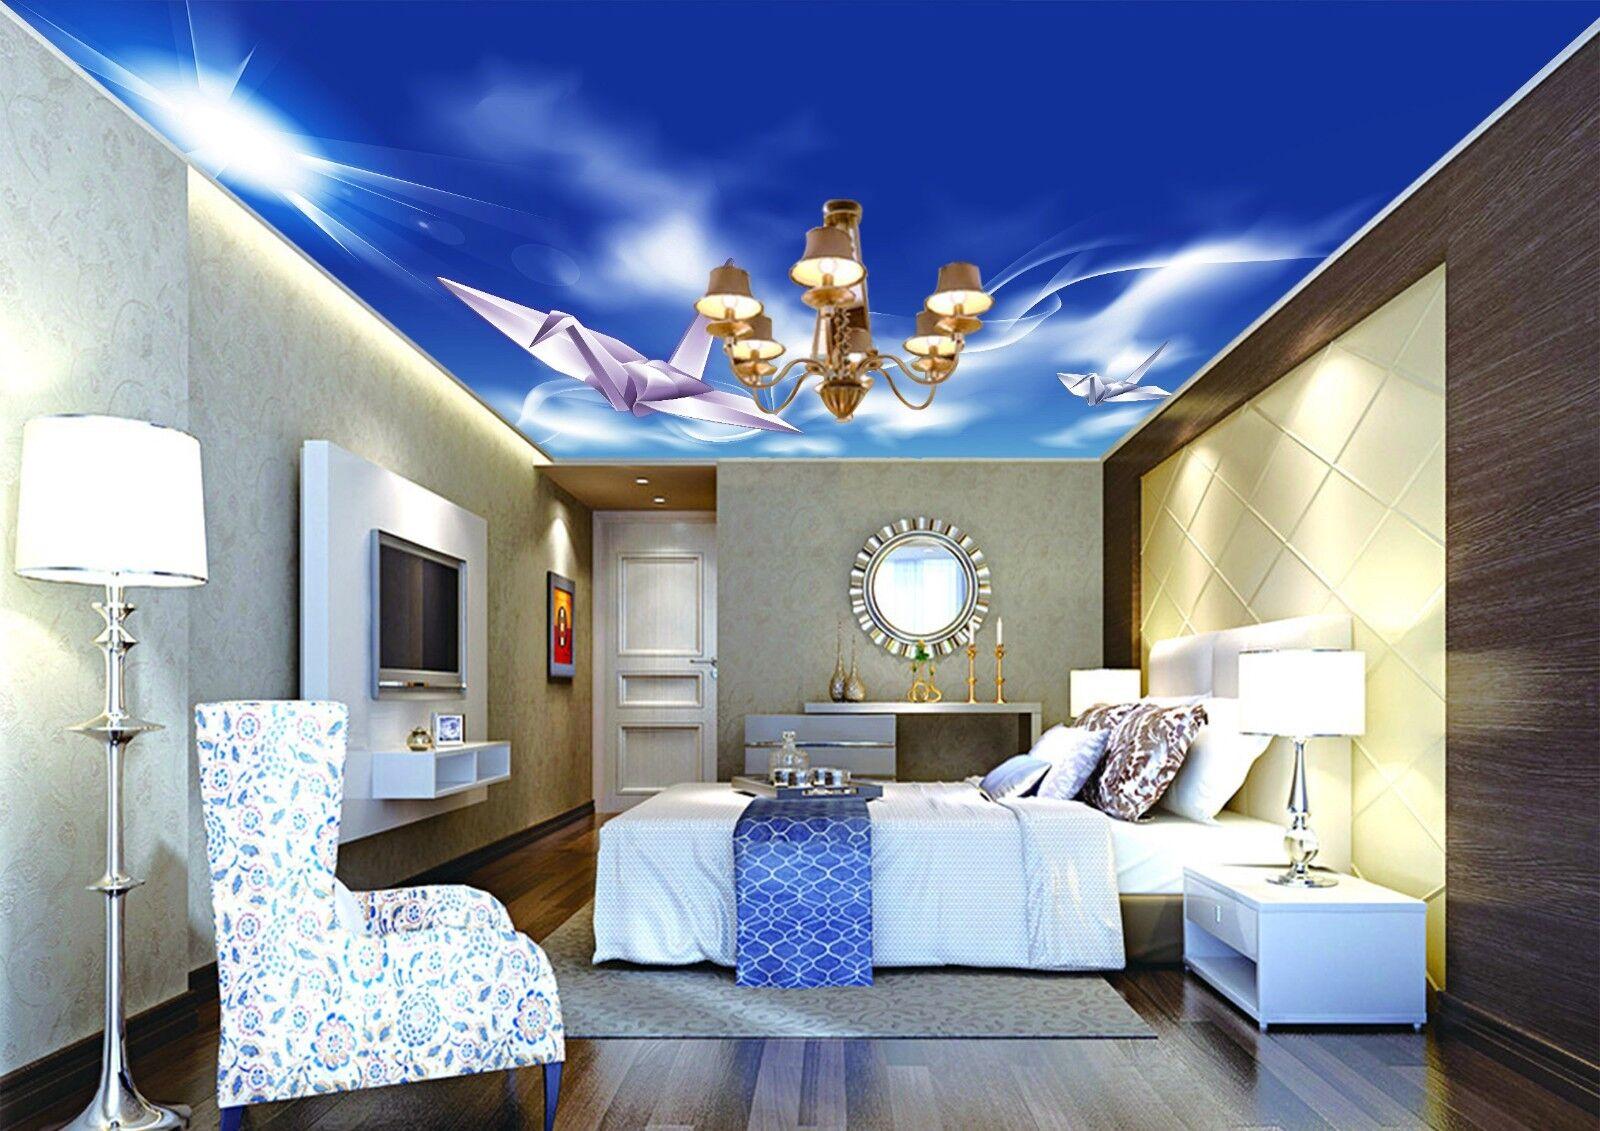 3D Paper Crane Sky 4 Ceiling Wall Paper Print Wall Indoor Wall Murals CA Jenny